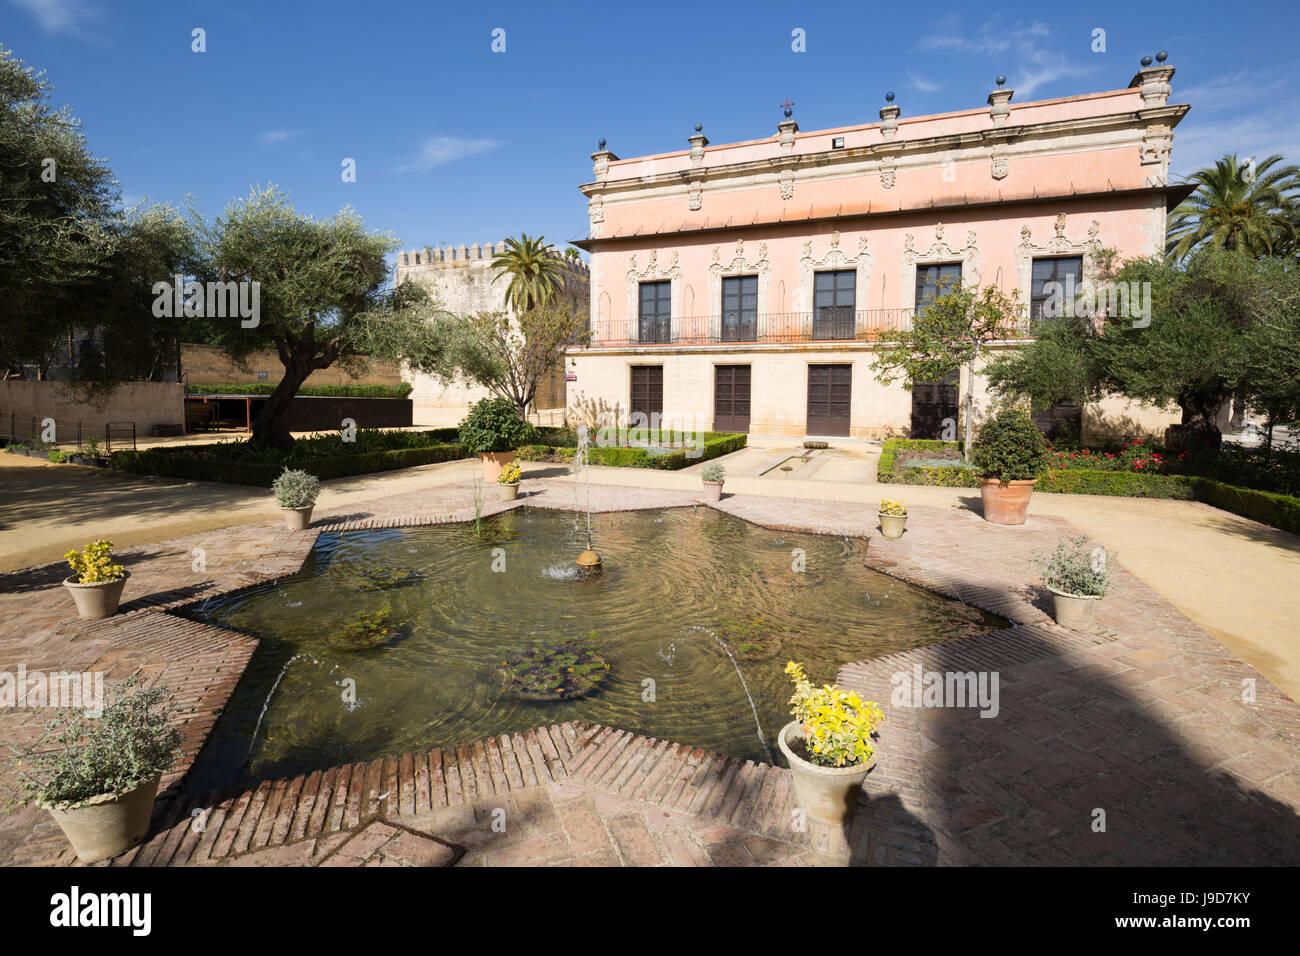 Palacio de Villavicencio innerhalb der Alcazar, Jerez De La Frontera, Cadiz Provinz, Andalusien, Spanien, Europa Stockbild